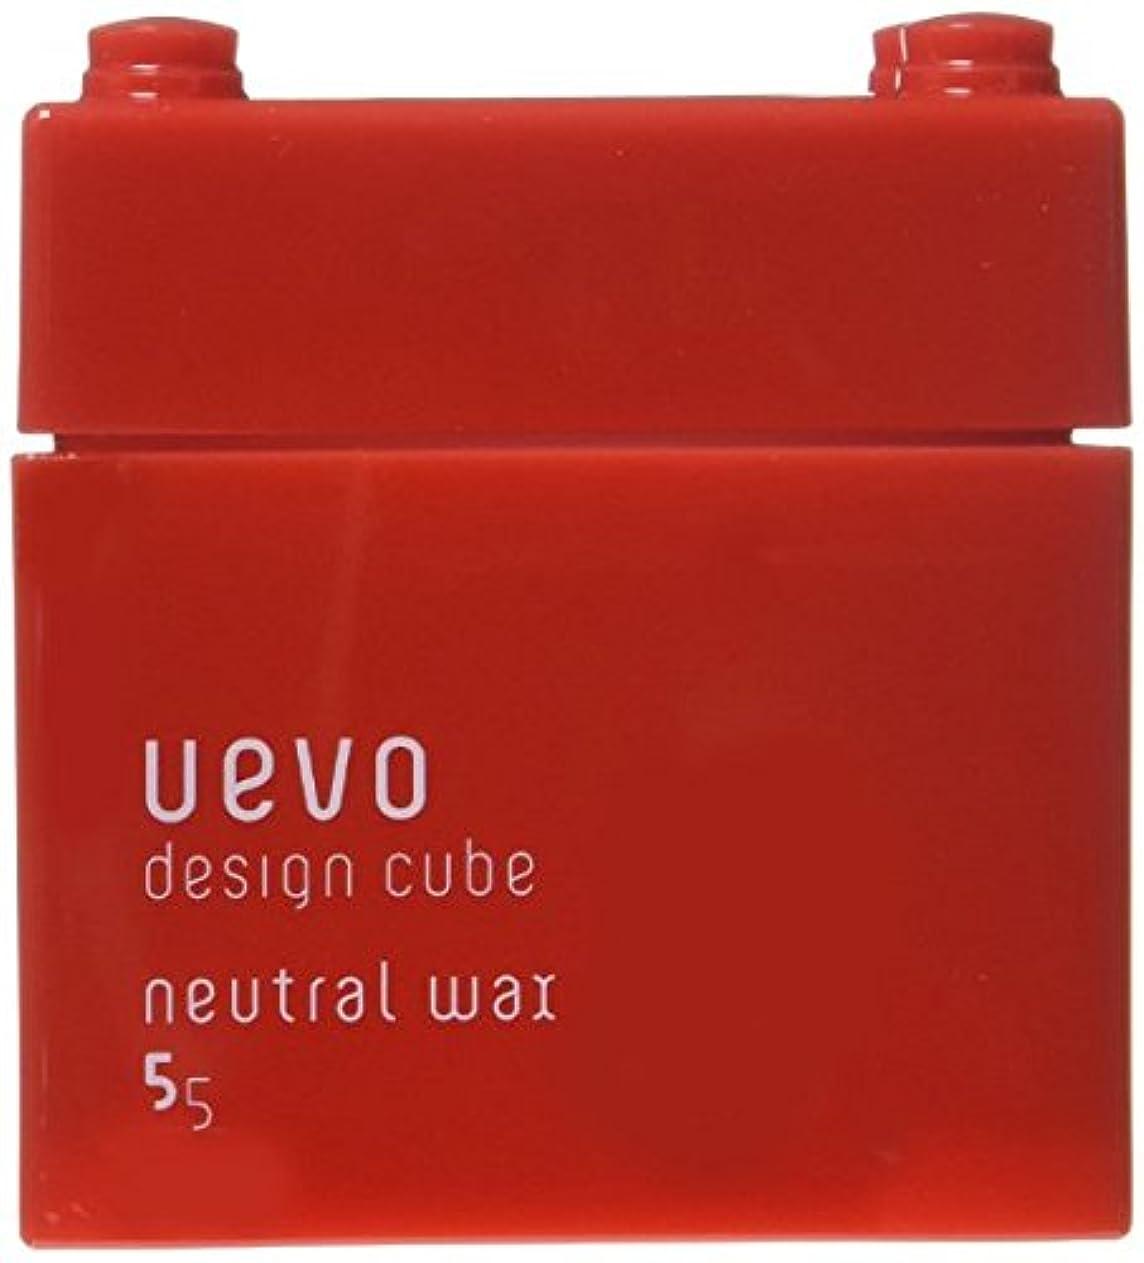 軽蔑ビジュアル面白いデミ ウェーボ デザインキューブ ニュートラルワックス(ヘアスタイリング)80g